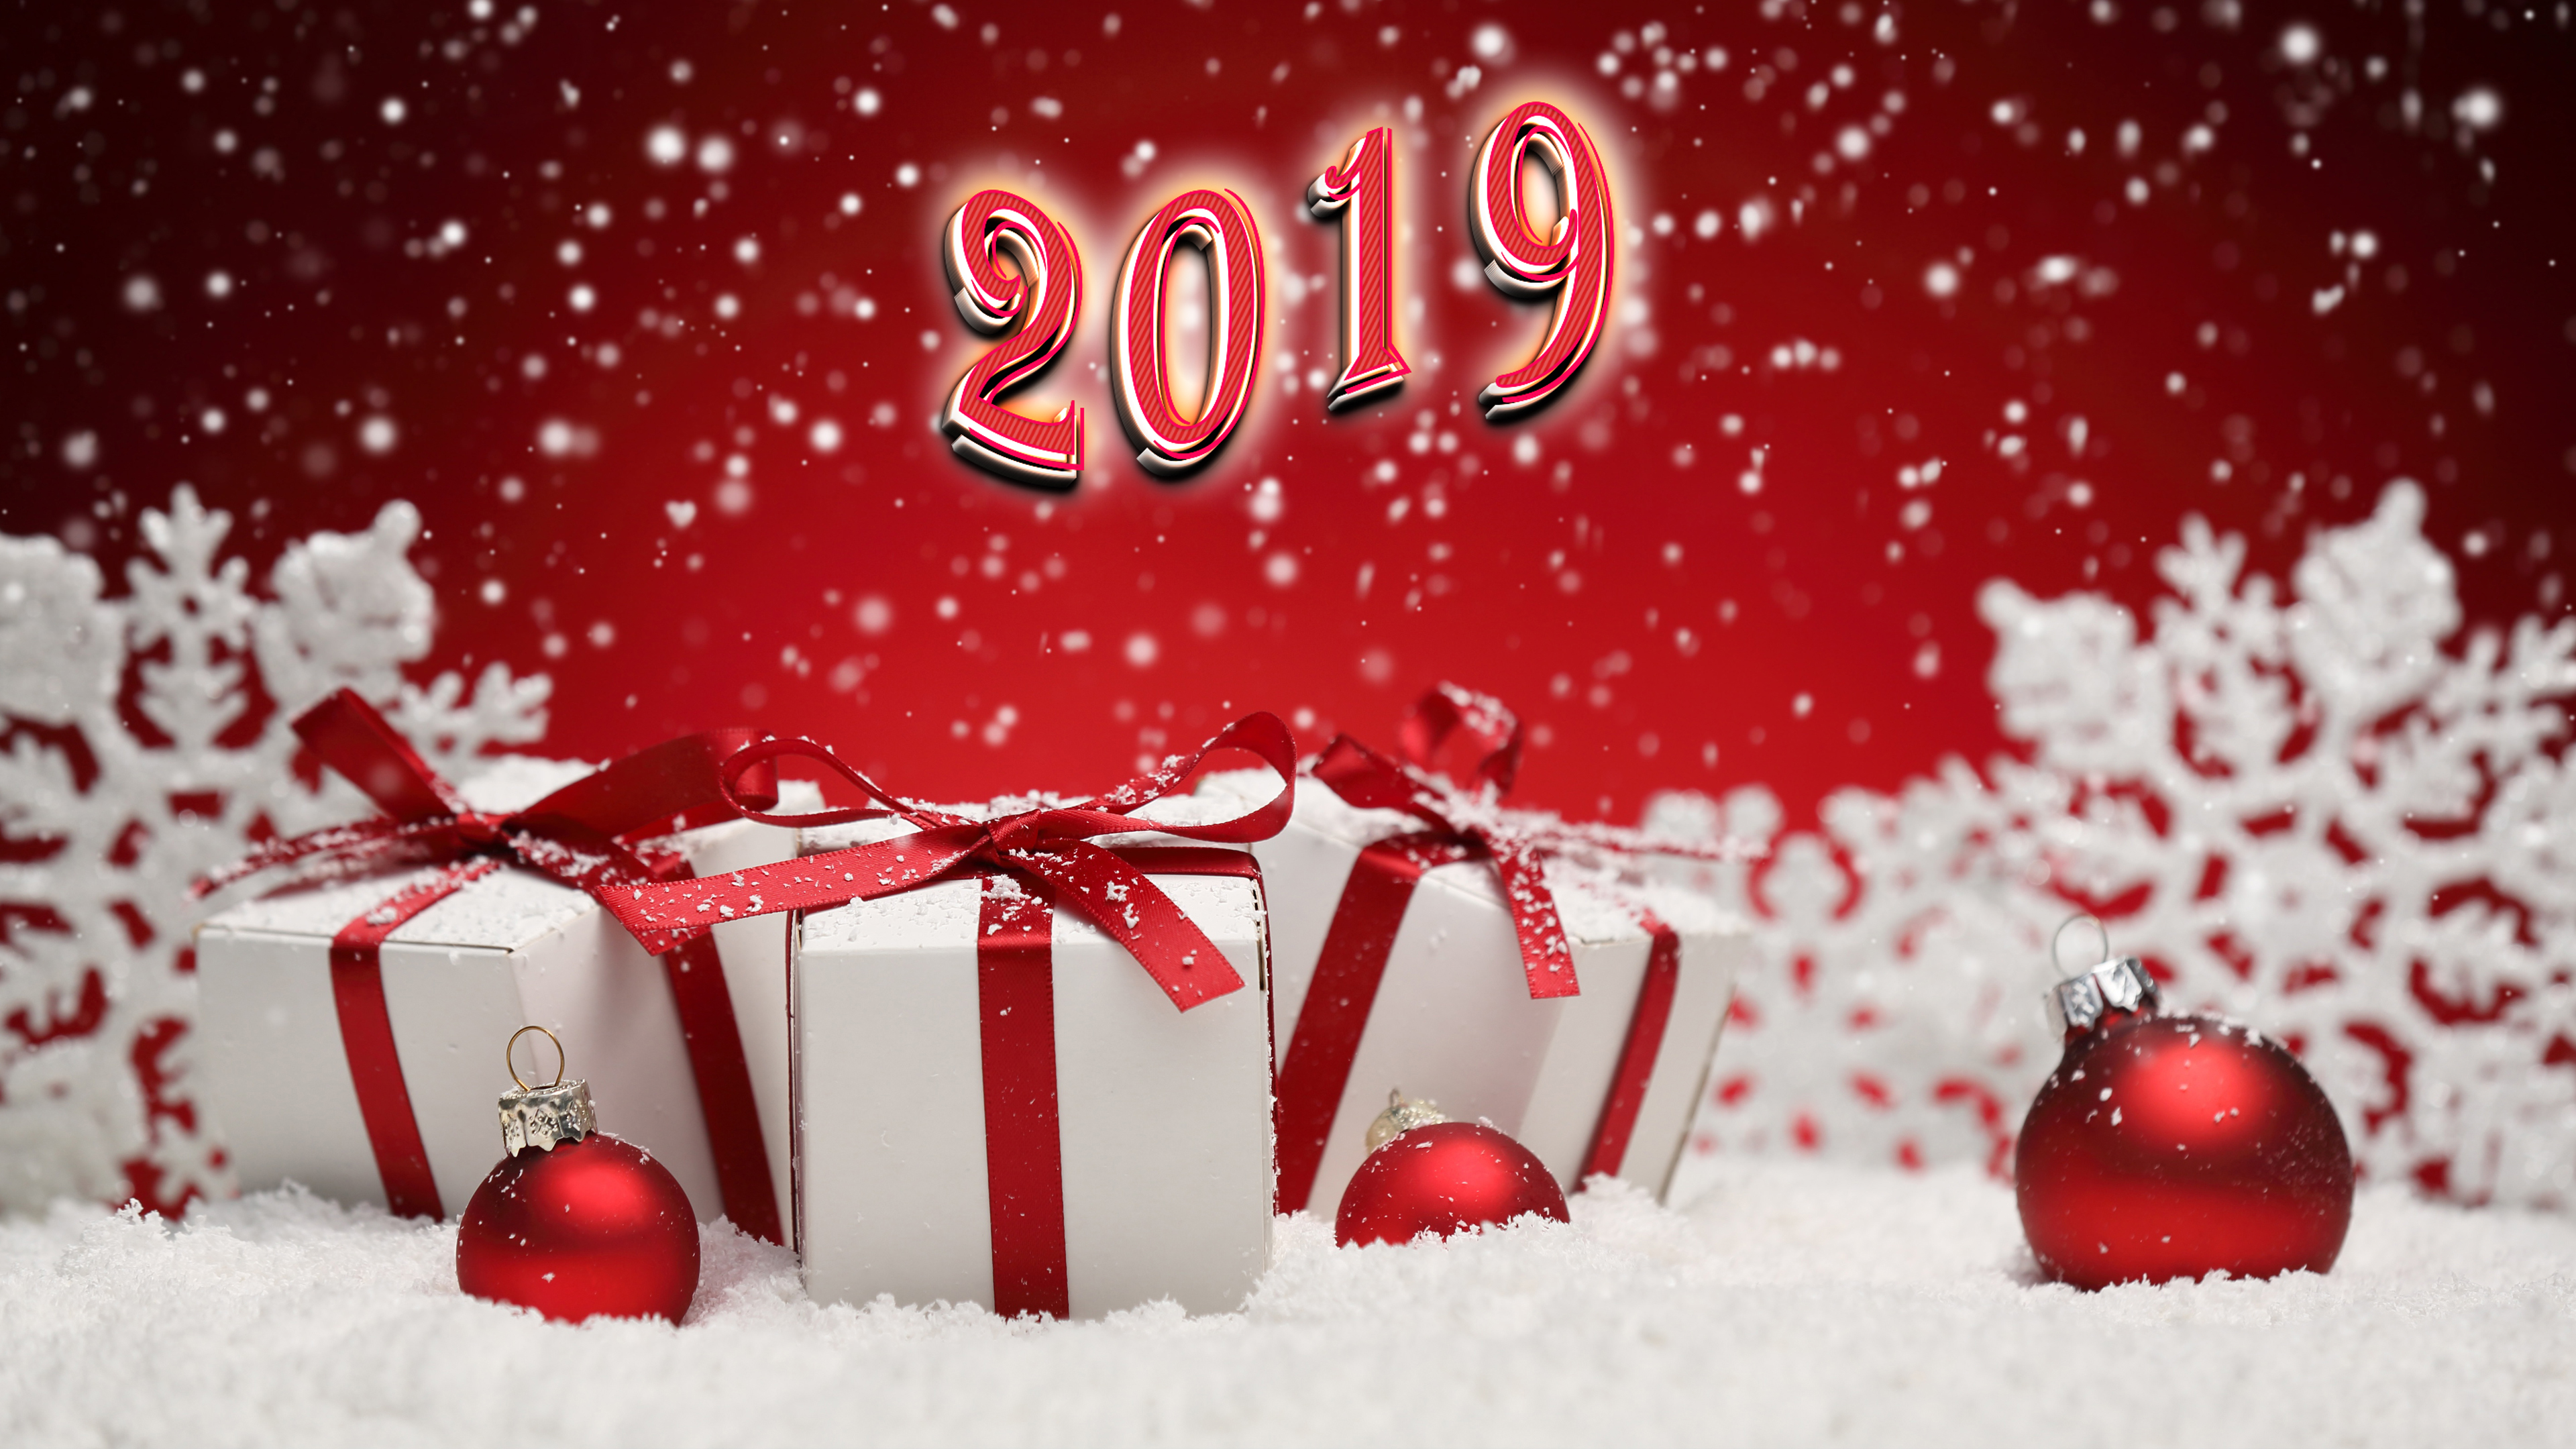 Новогодние обои 2019 №2_004.jpg